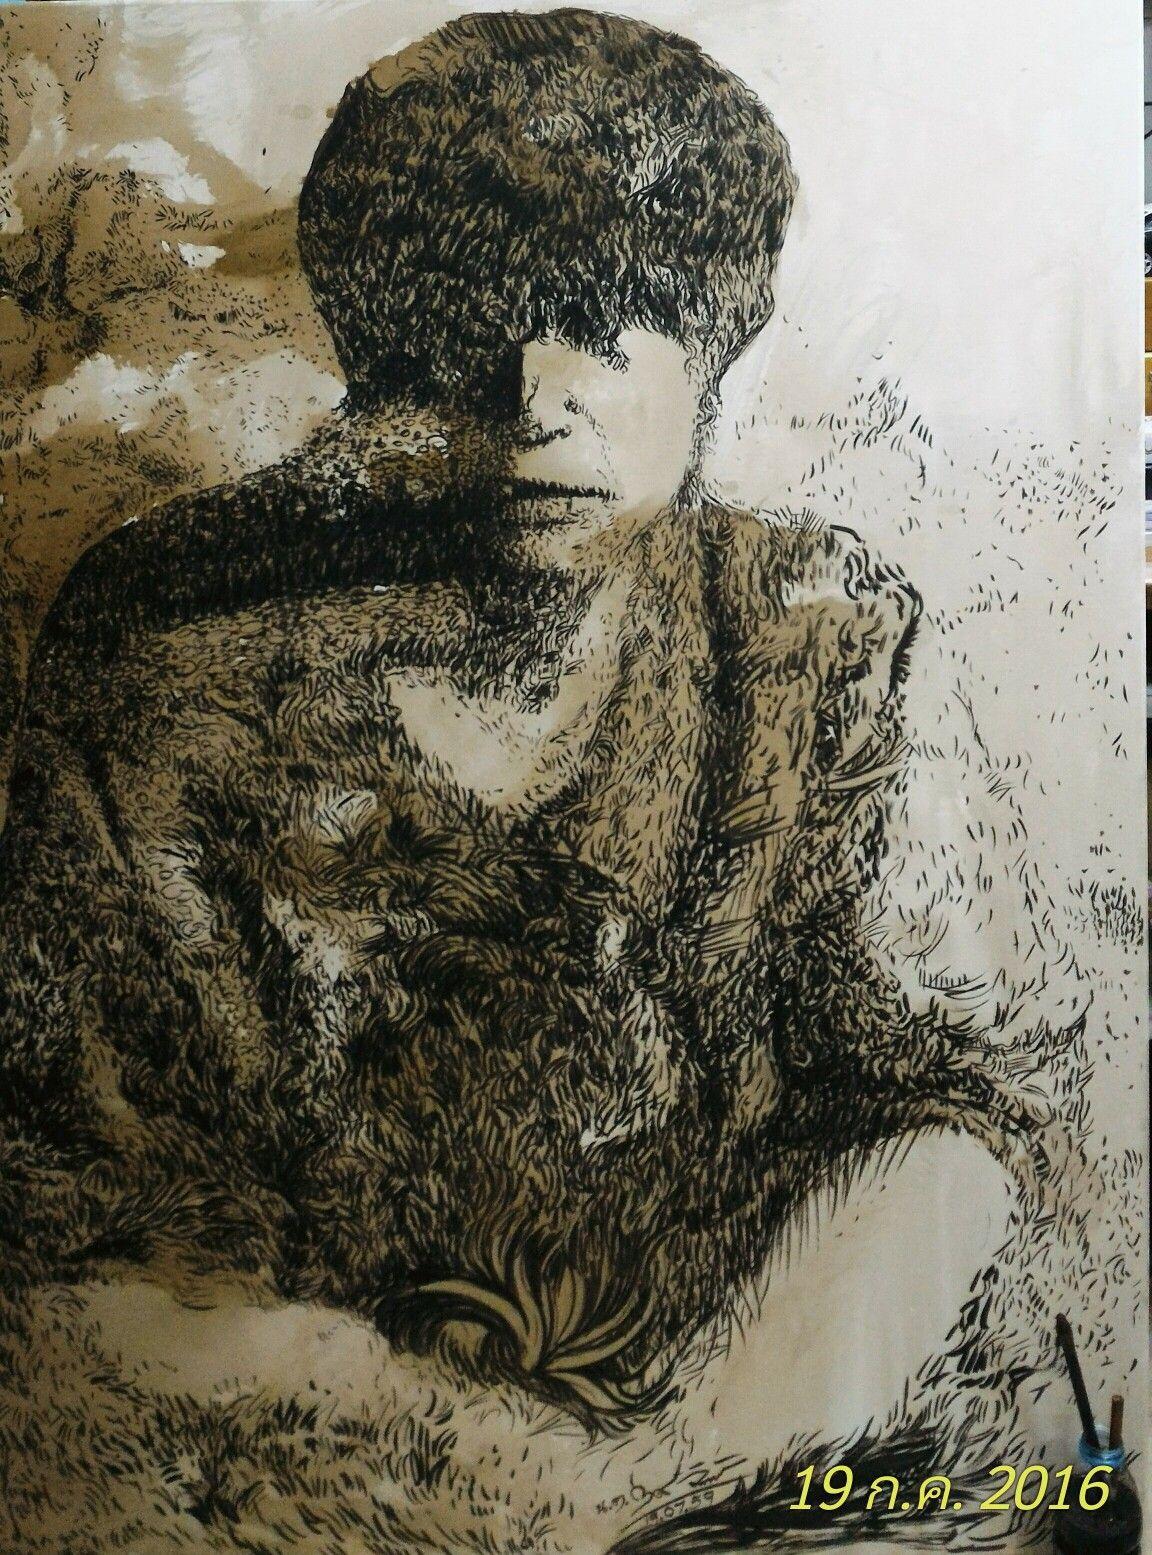 ห้วงคำนึง No.6 พู่กัน/หมึกจีนบนผ้าใบ ขนาด 60 x 120 cm.